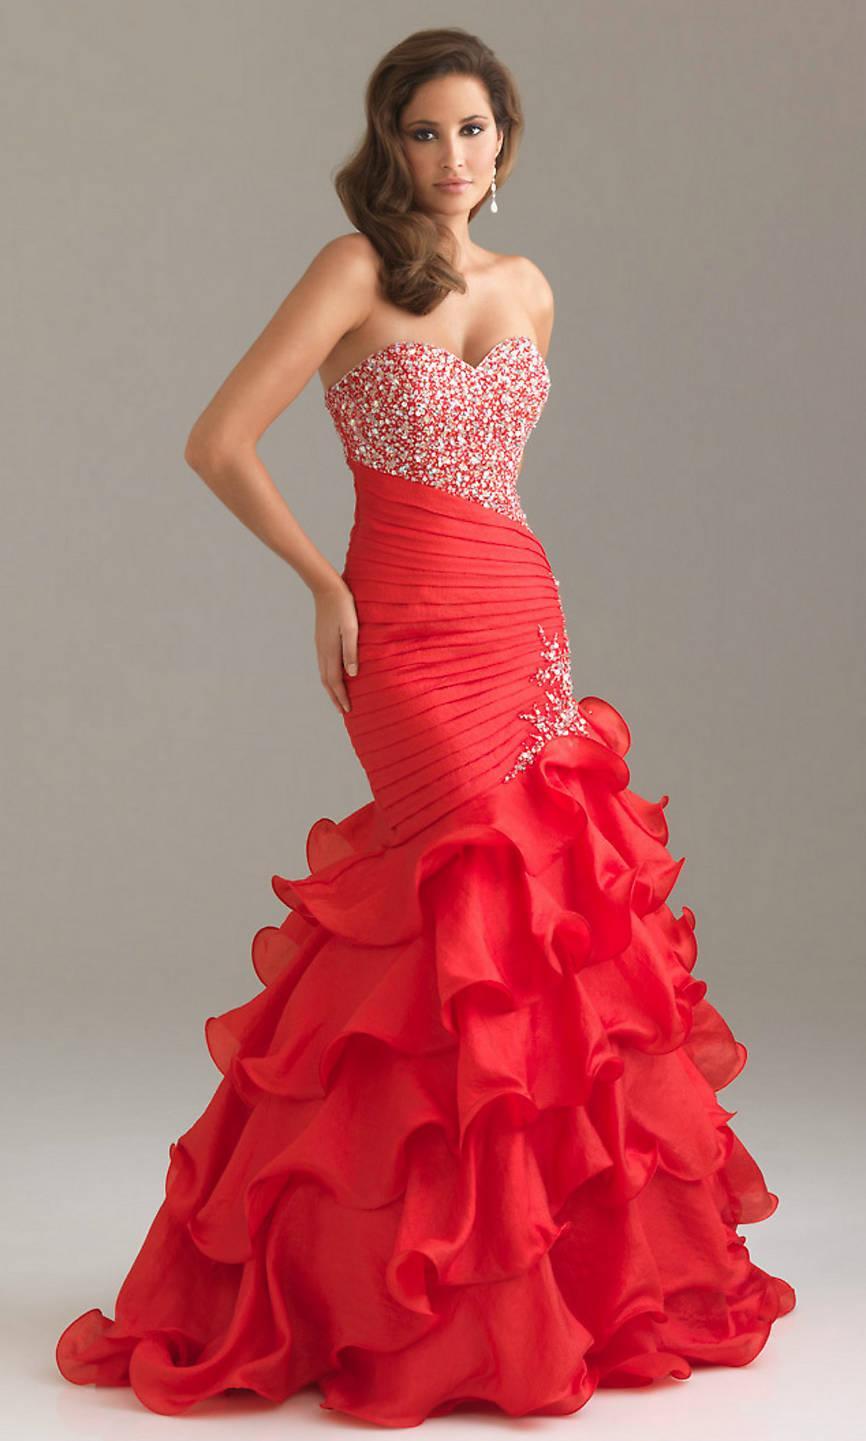 673f90a7908f Vestidos de fiesta rojo - Tarjetas amor y amistad